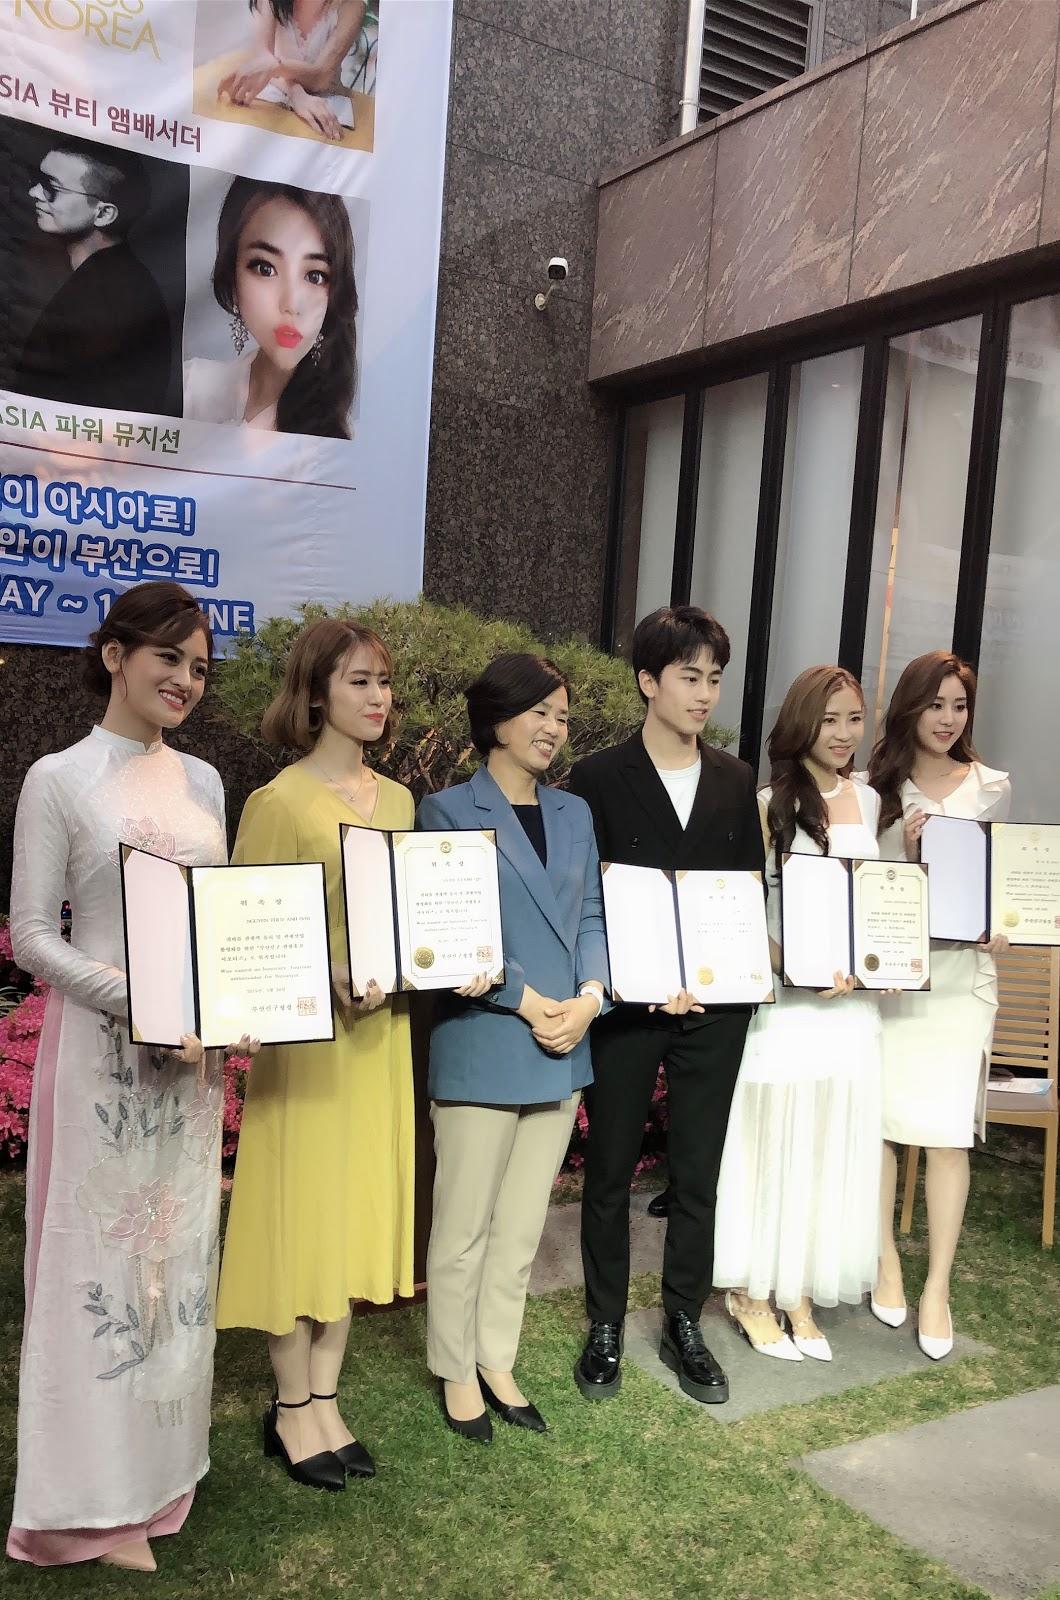 Thùy Anh diện áo dài xuất hiện trên sóng truyền hình KNN, SBS  - Hình 6